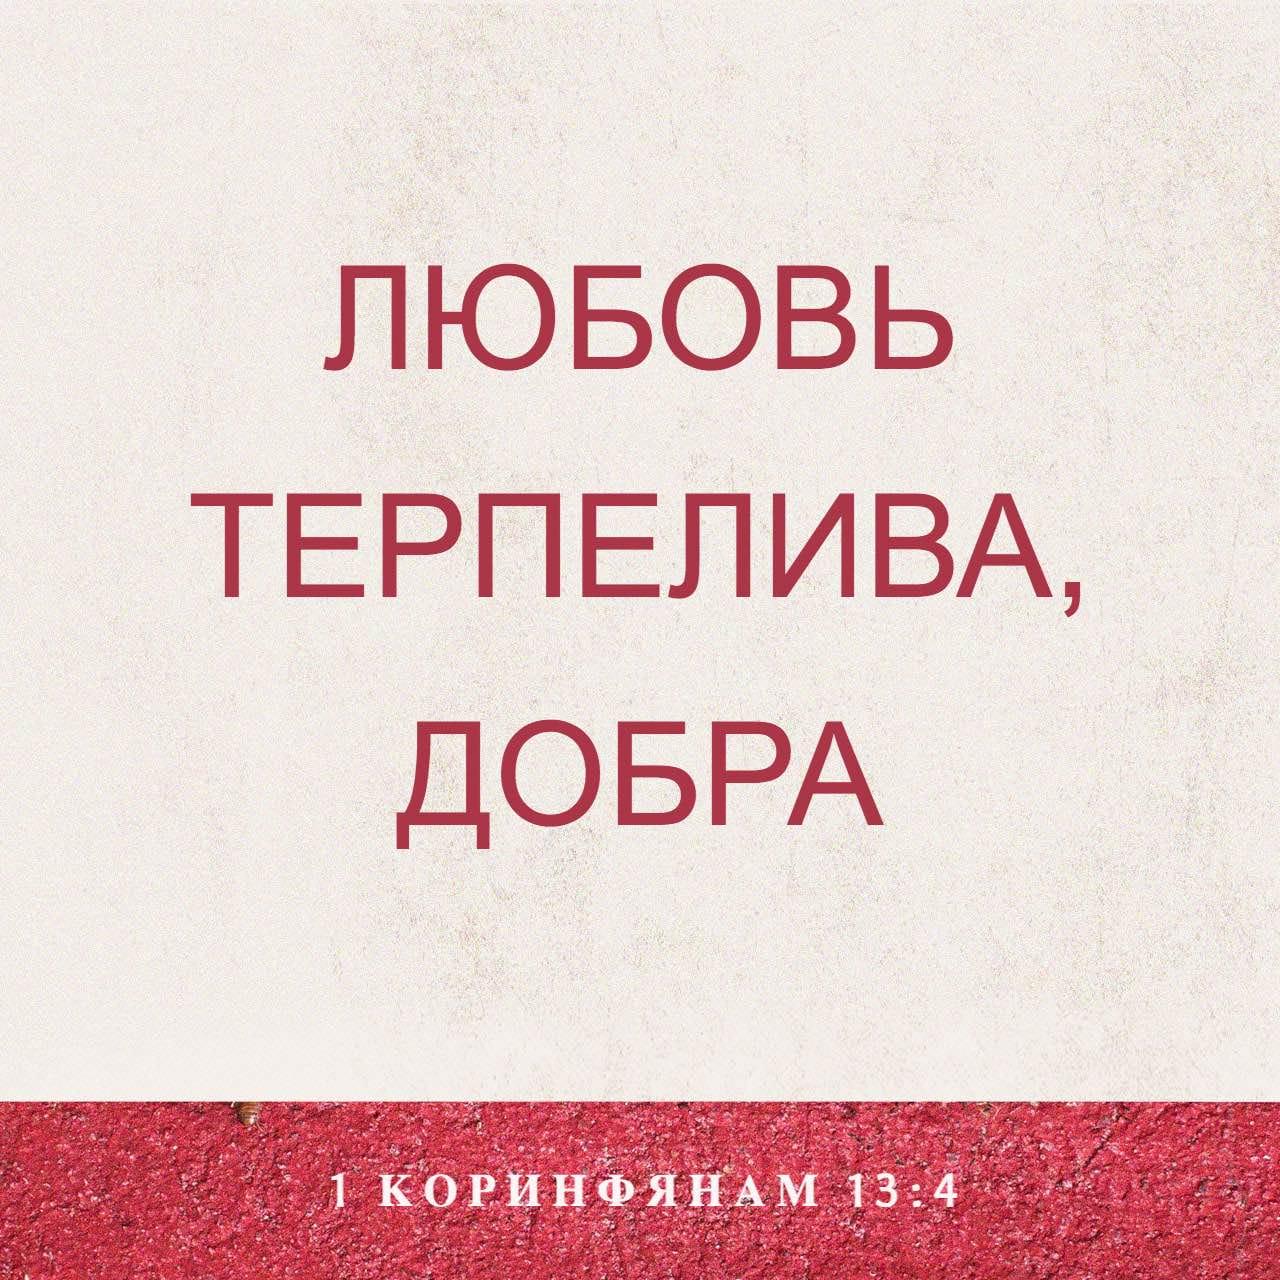 Любовь долготерпит, милосердствует. - 1 Коринфянам 13:4 - фото-стих